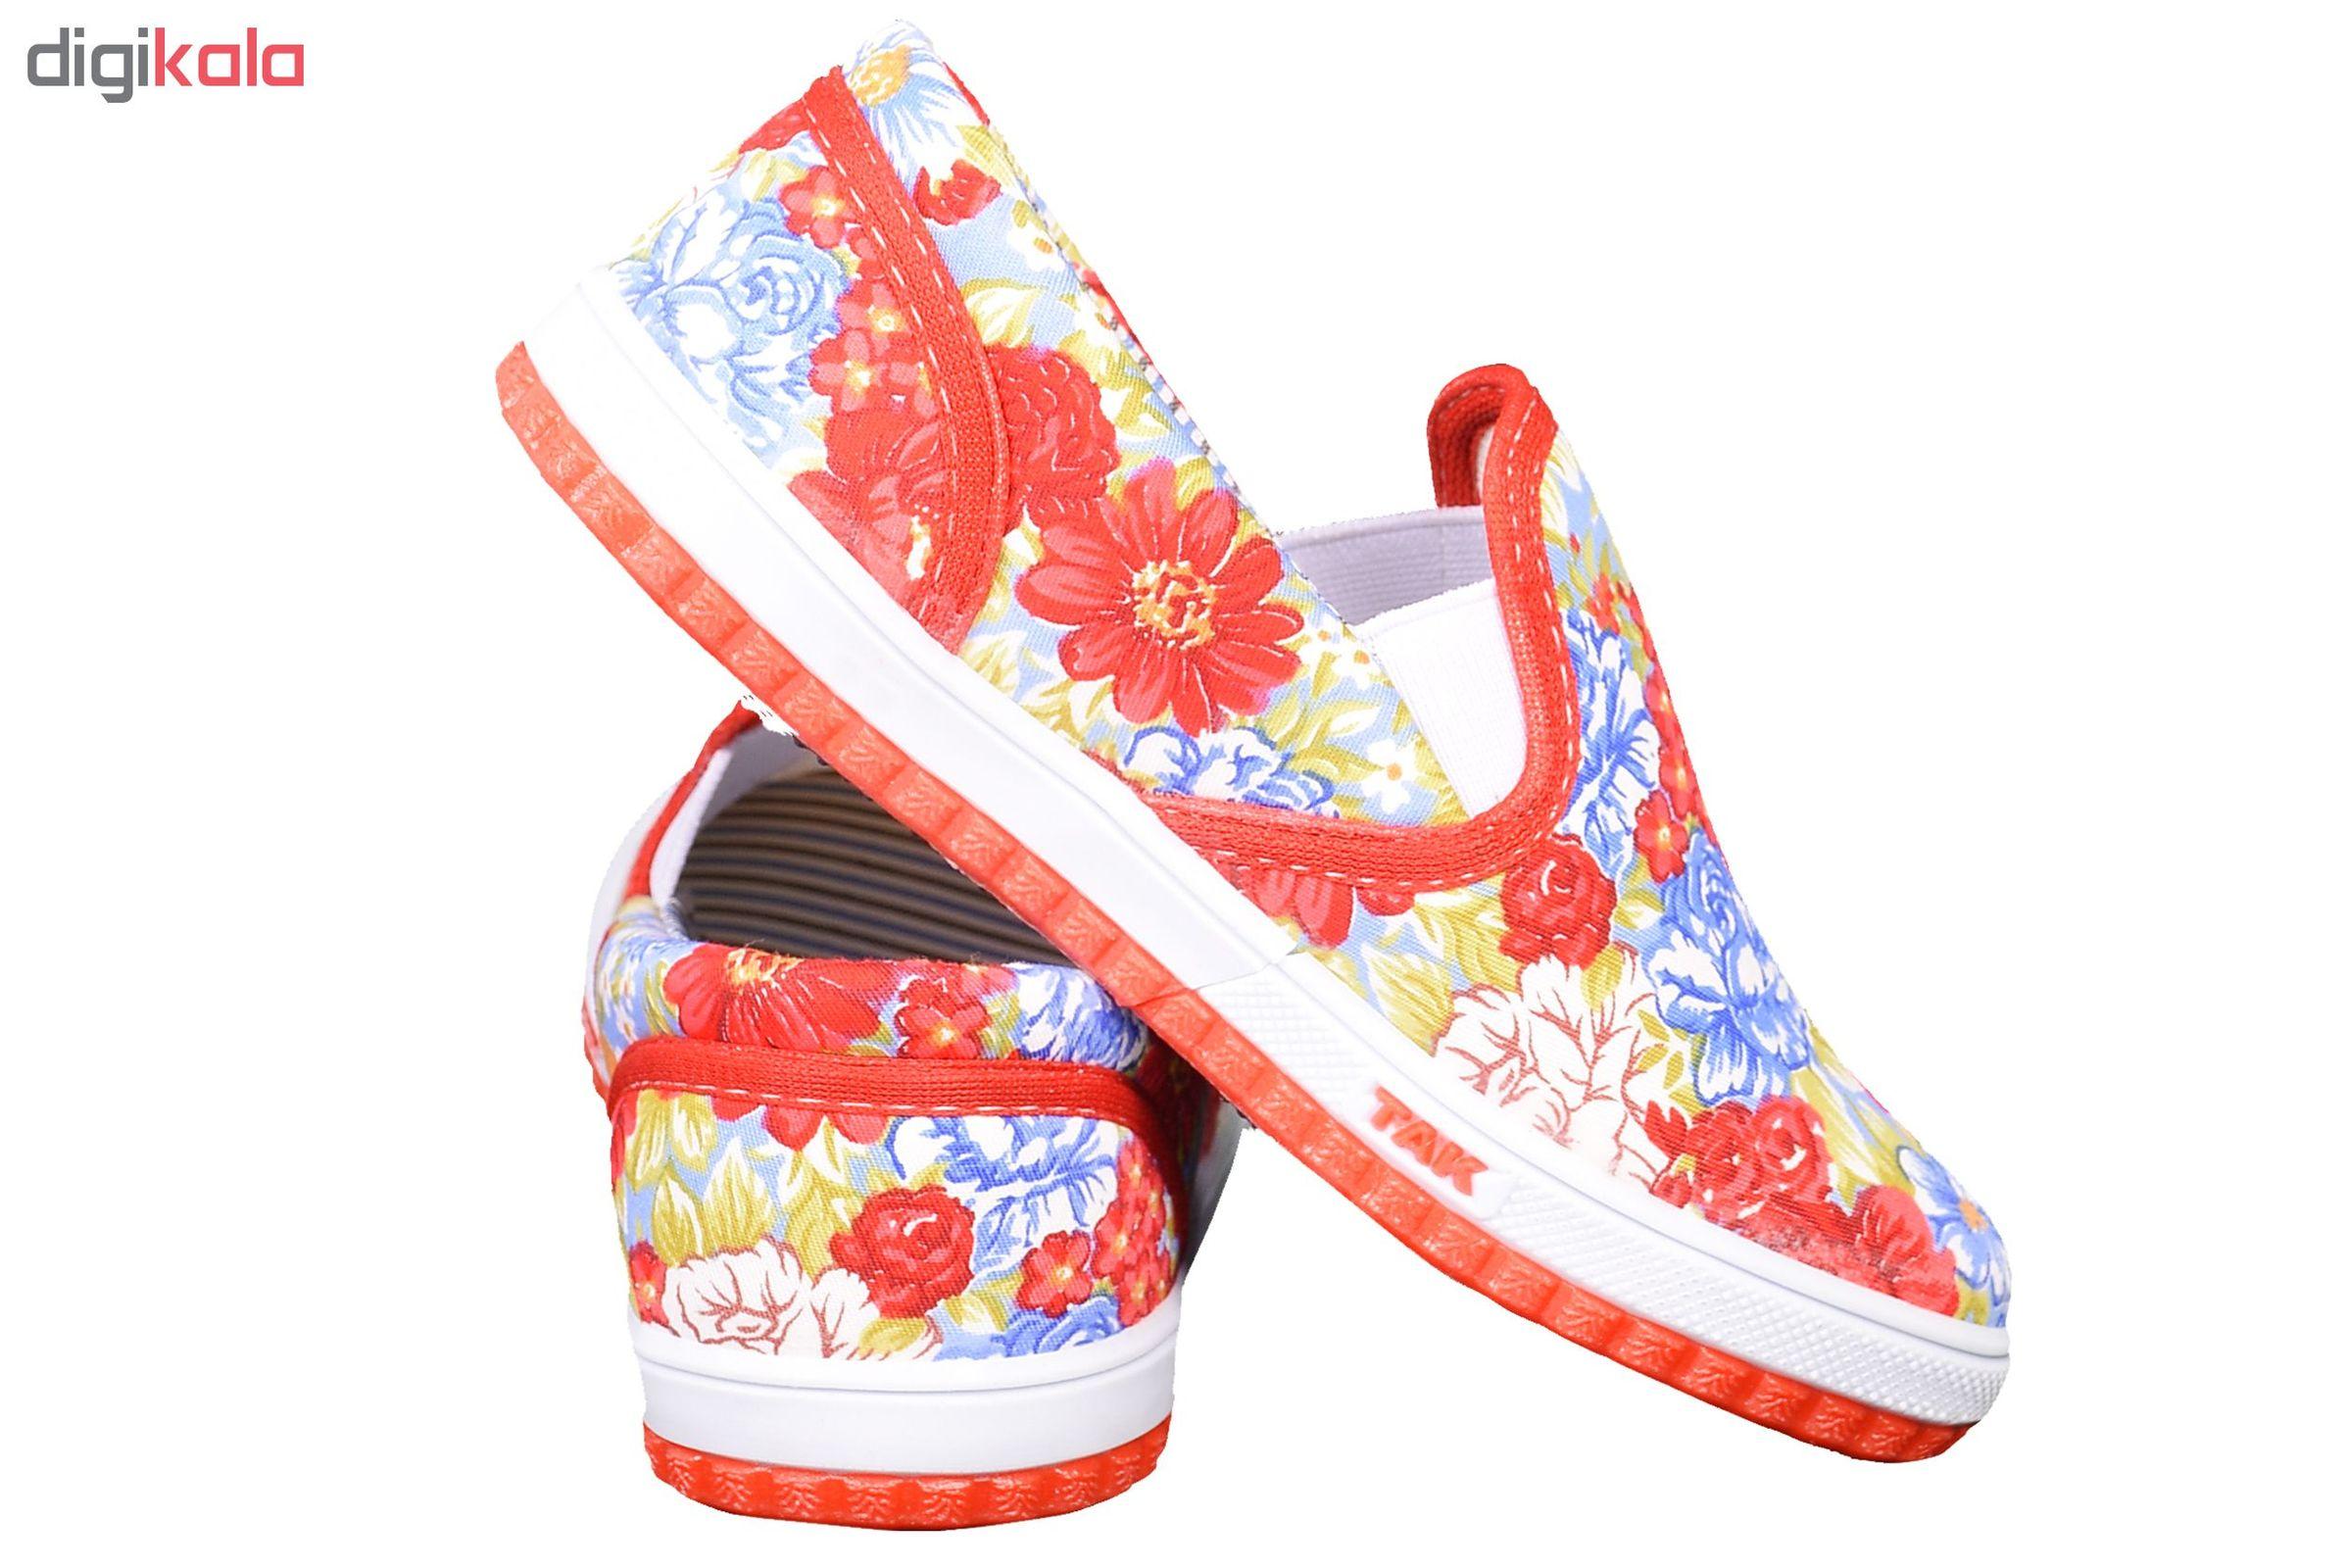 کفش  راحتی دخترانه کد 3254-RD main 1 5